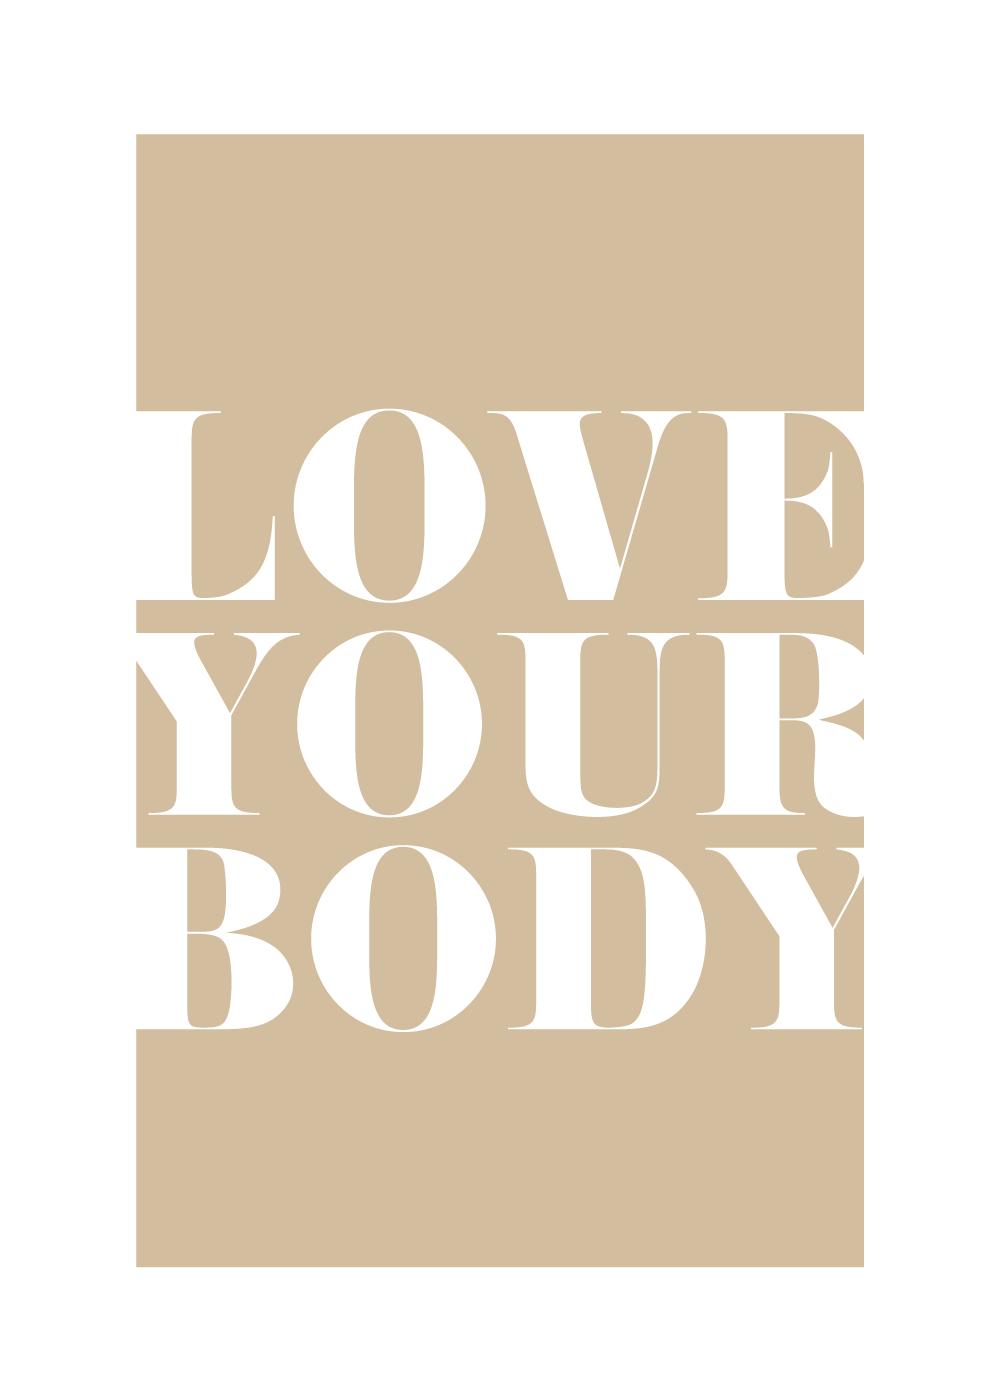 Billede af Love your body - Body positivity plakat